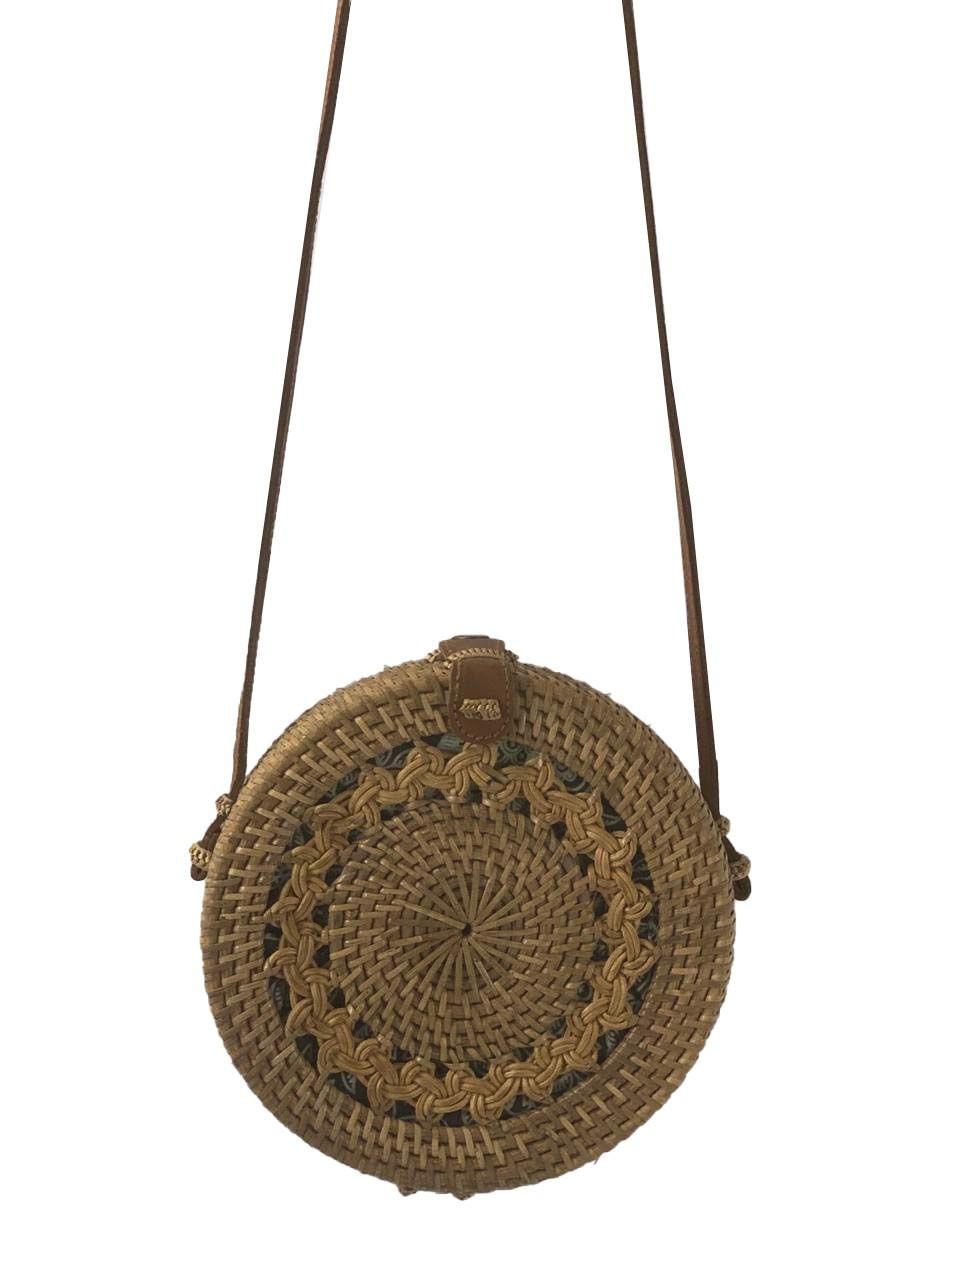 Bolsa Circular com Trançado Tradicional em Rattan e Interior em Tecido Verde ( Alça 60cm - Bolsa 20cm )